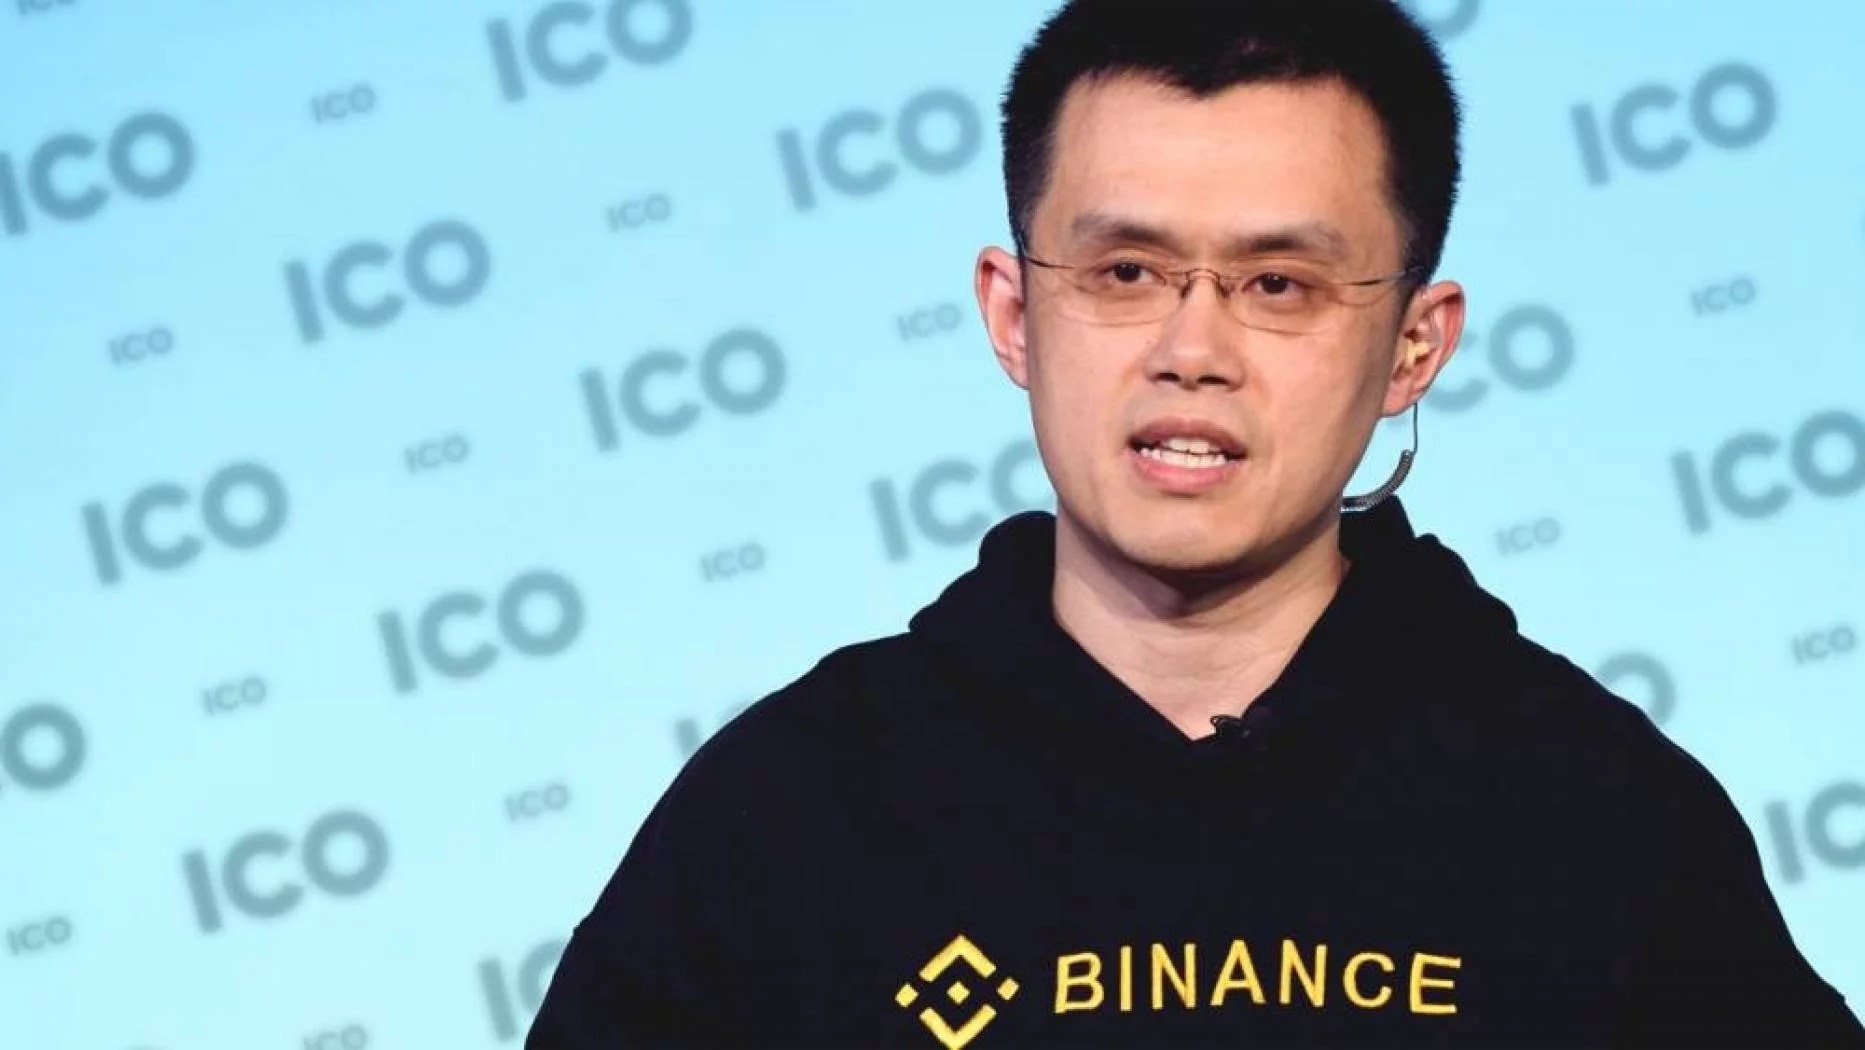 CEO de Binance, mantiene su confianza en el mercado criptográfico pero señala que aún no se sabe si la fase de corrección terminó